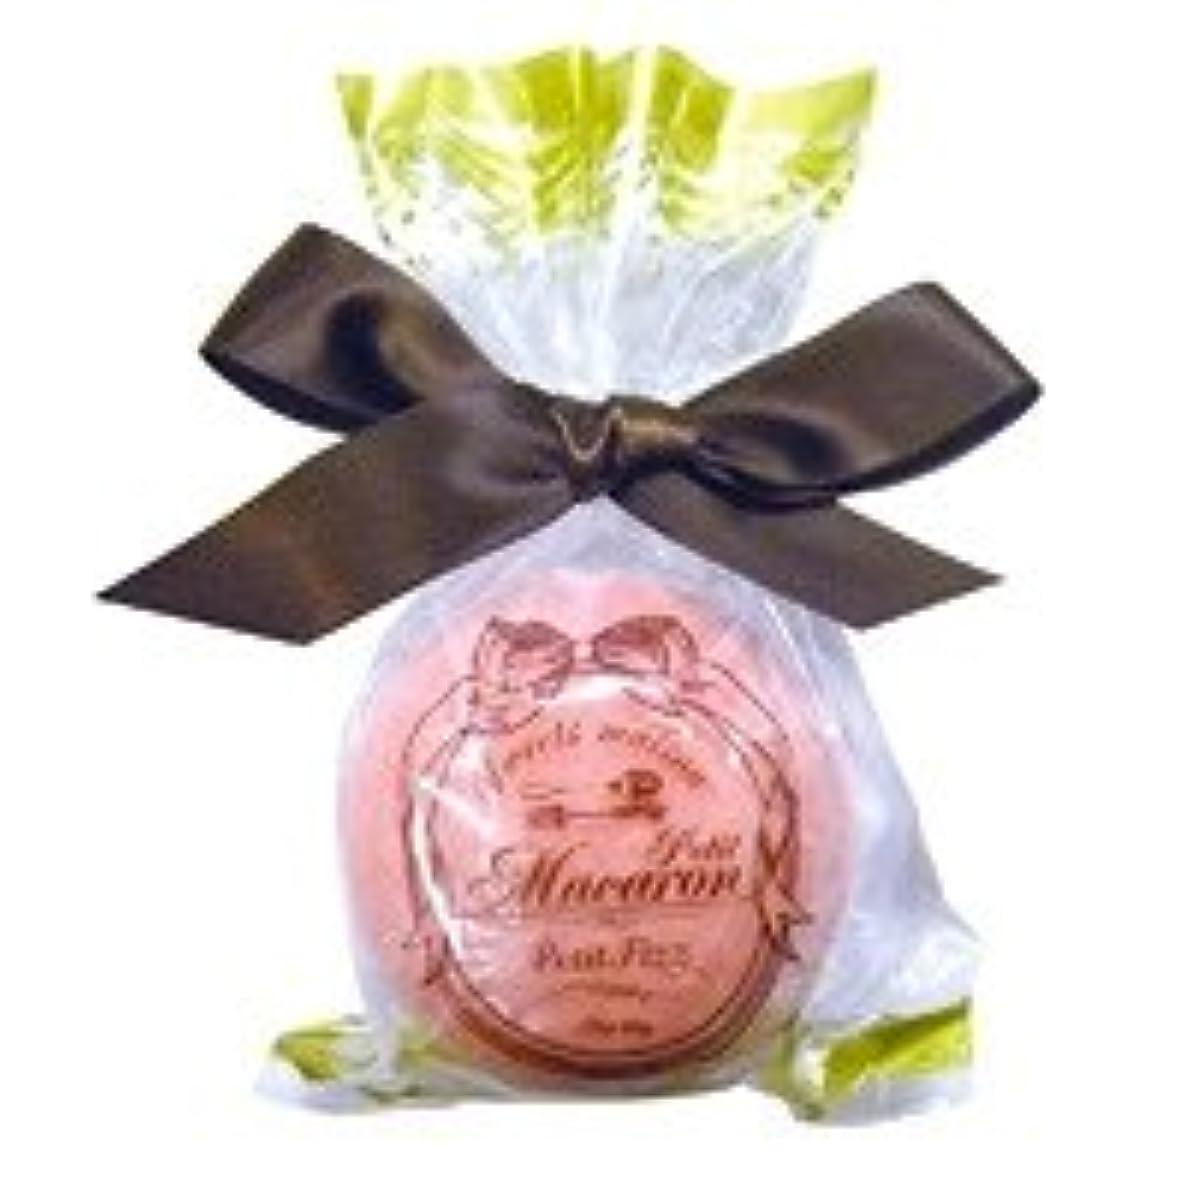 揺れる同意する鋭くスウィーツメゾン プチマカロンフィズ「ダークピンク」12個セット 華やかなローズの香り